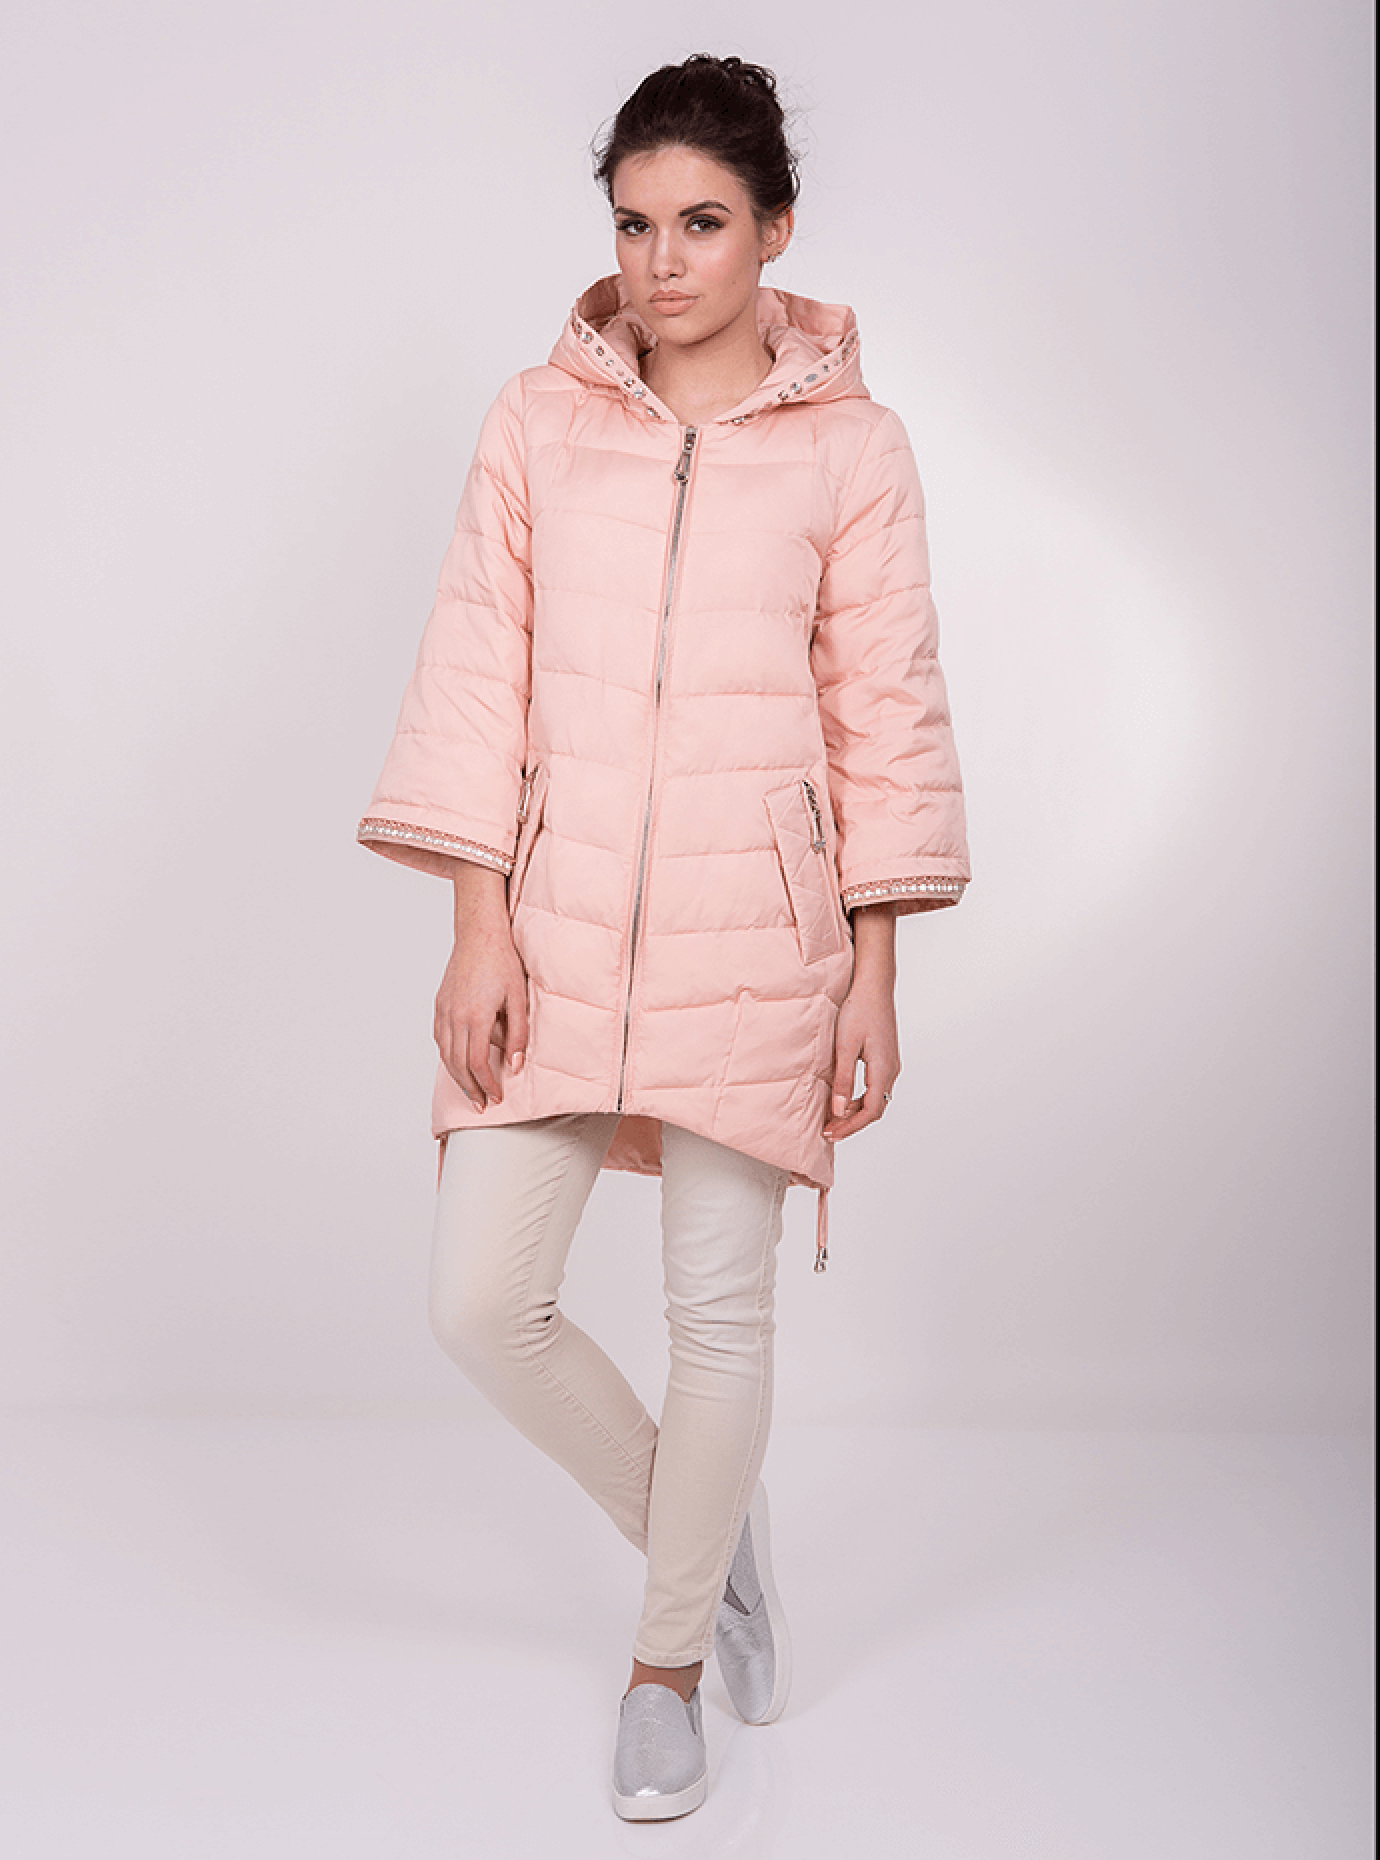 Куртка демисезонная с рукавами клёш Розовый S (05-ZL2595): фото - Alster.ua